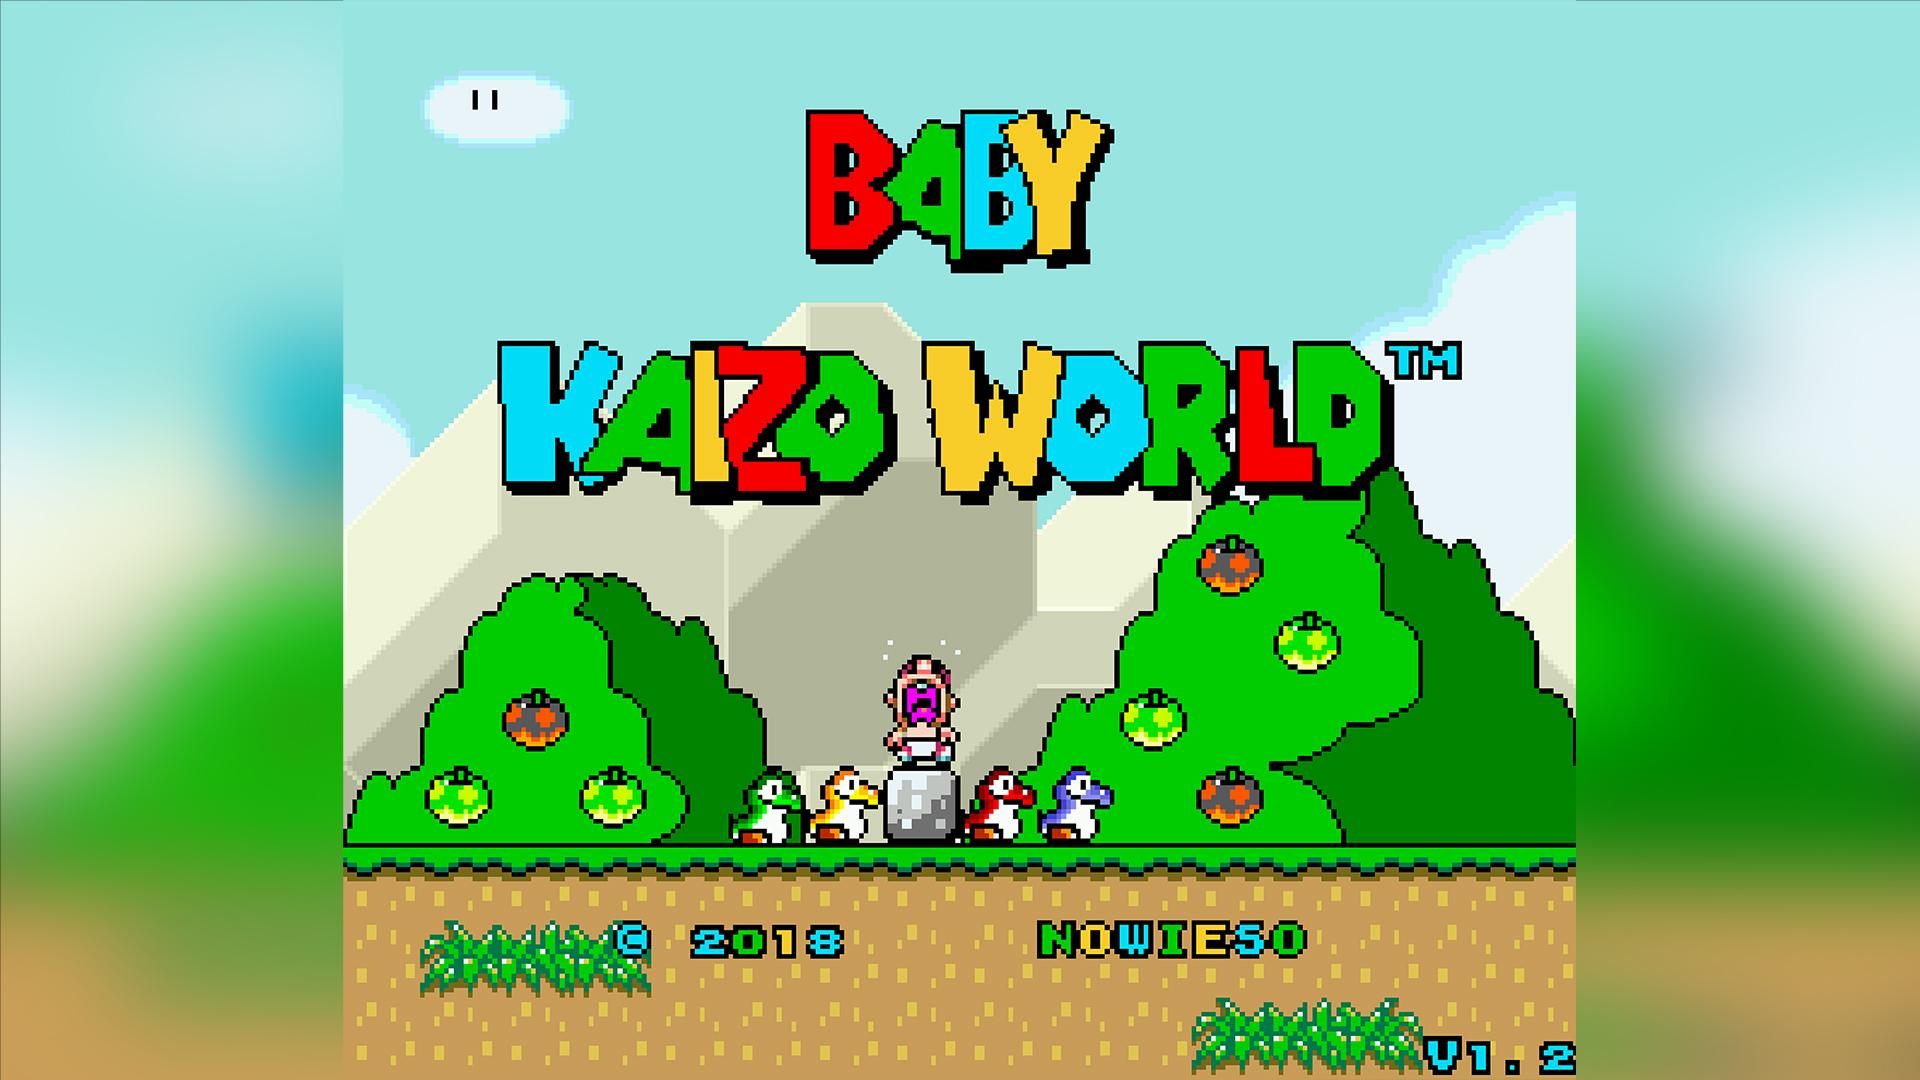 Tutorial: Wie man Kaizo Mario Hacks installiert/patcht und spielt